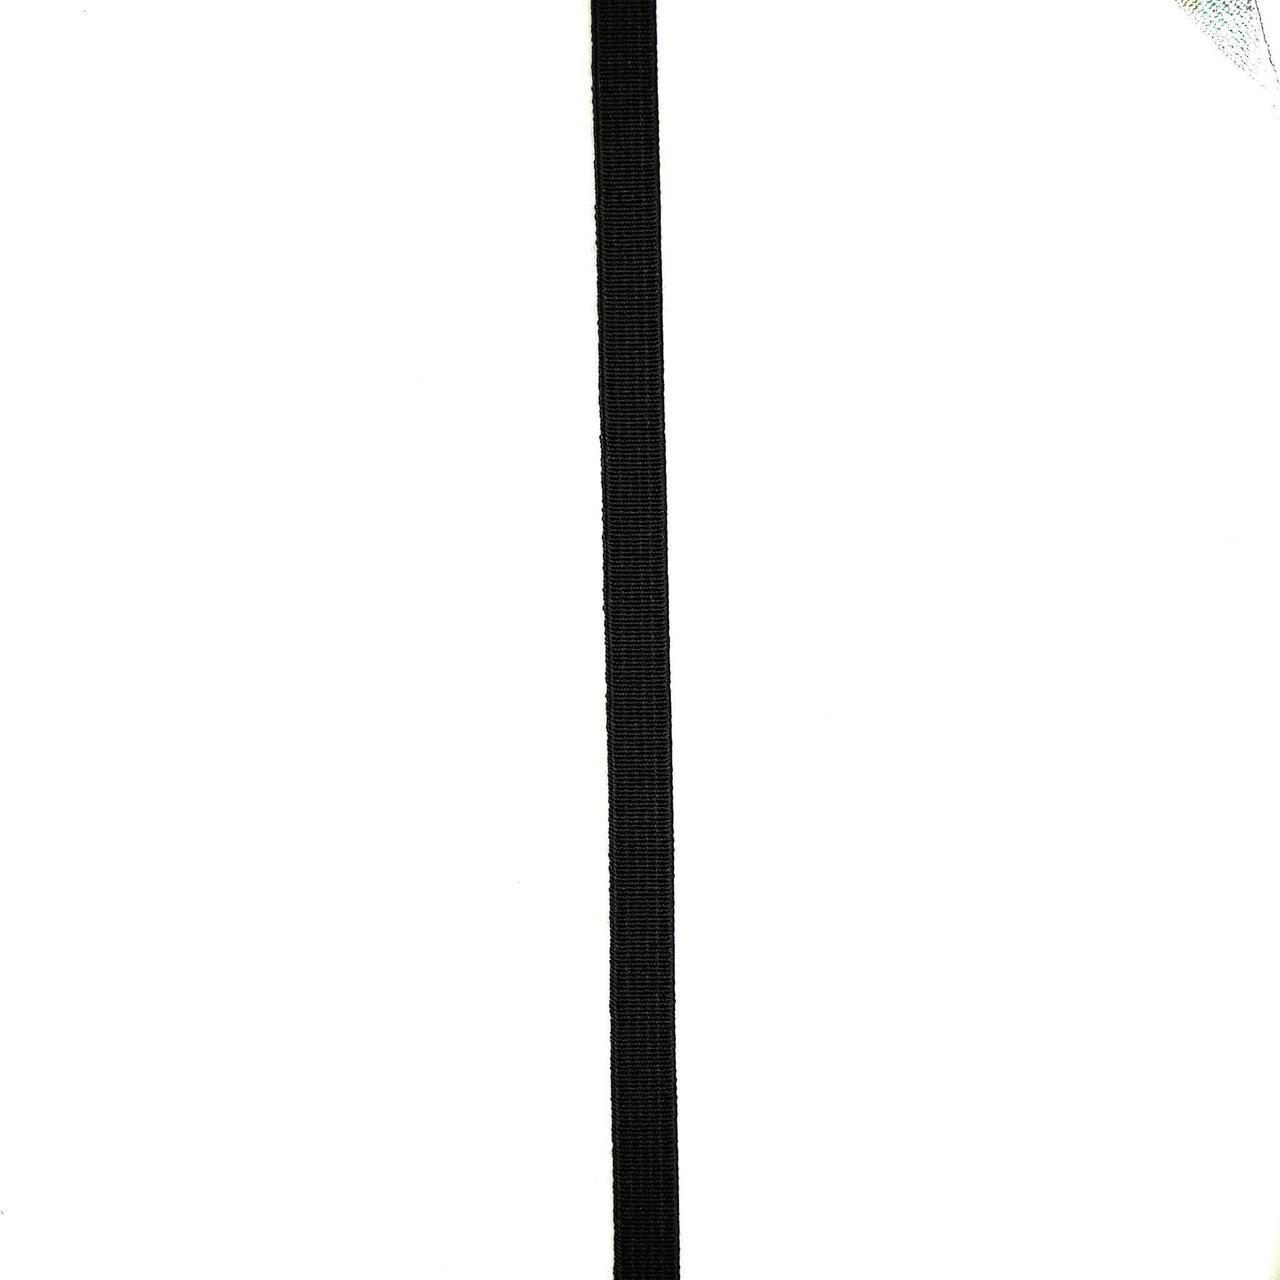 Лента эластичная уплотненная 8 мм (100м/рулон)